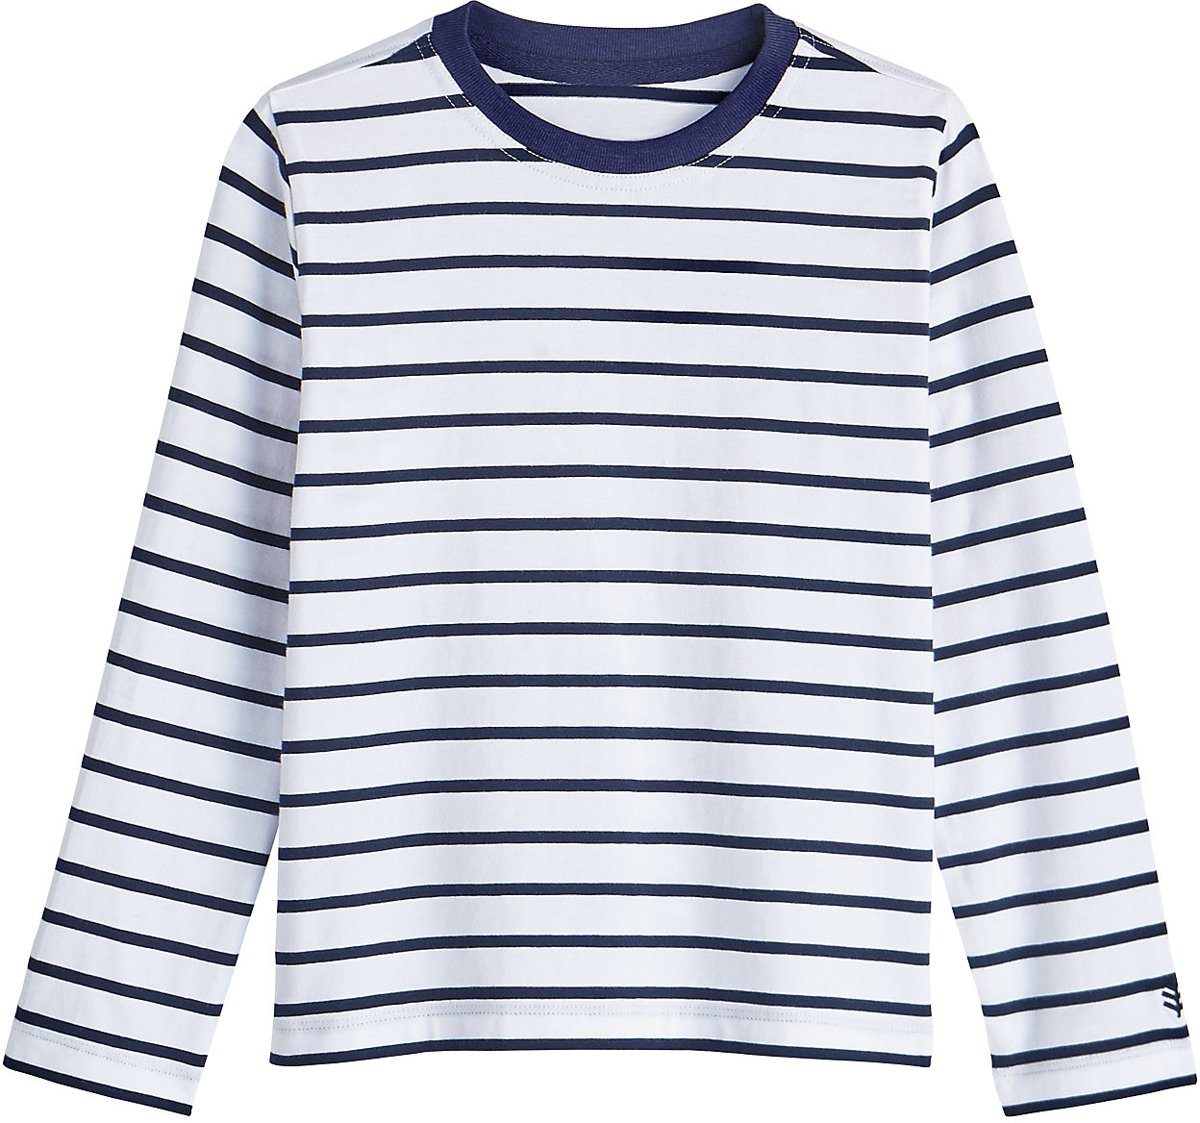 Blauw wit gestreept overhemd van Austen Brothers